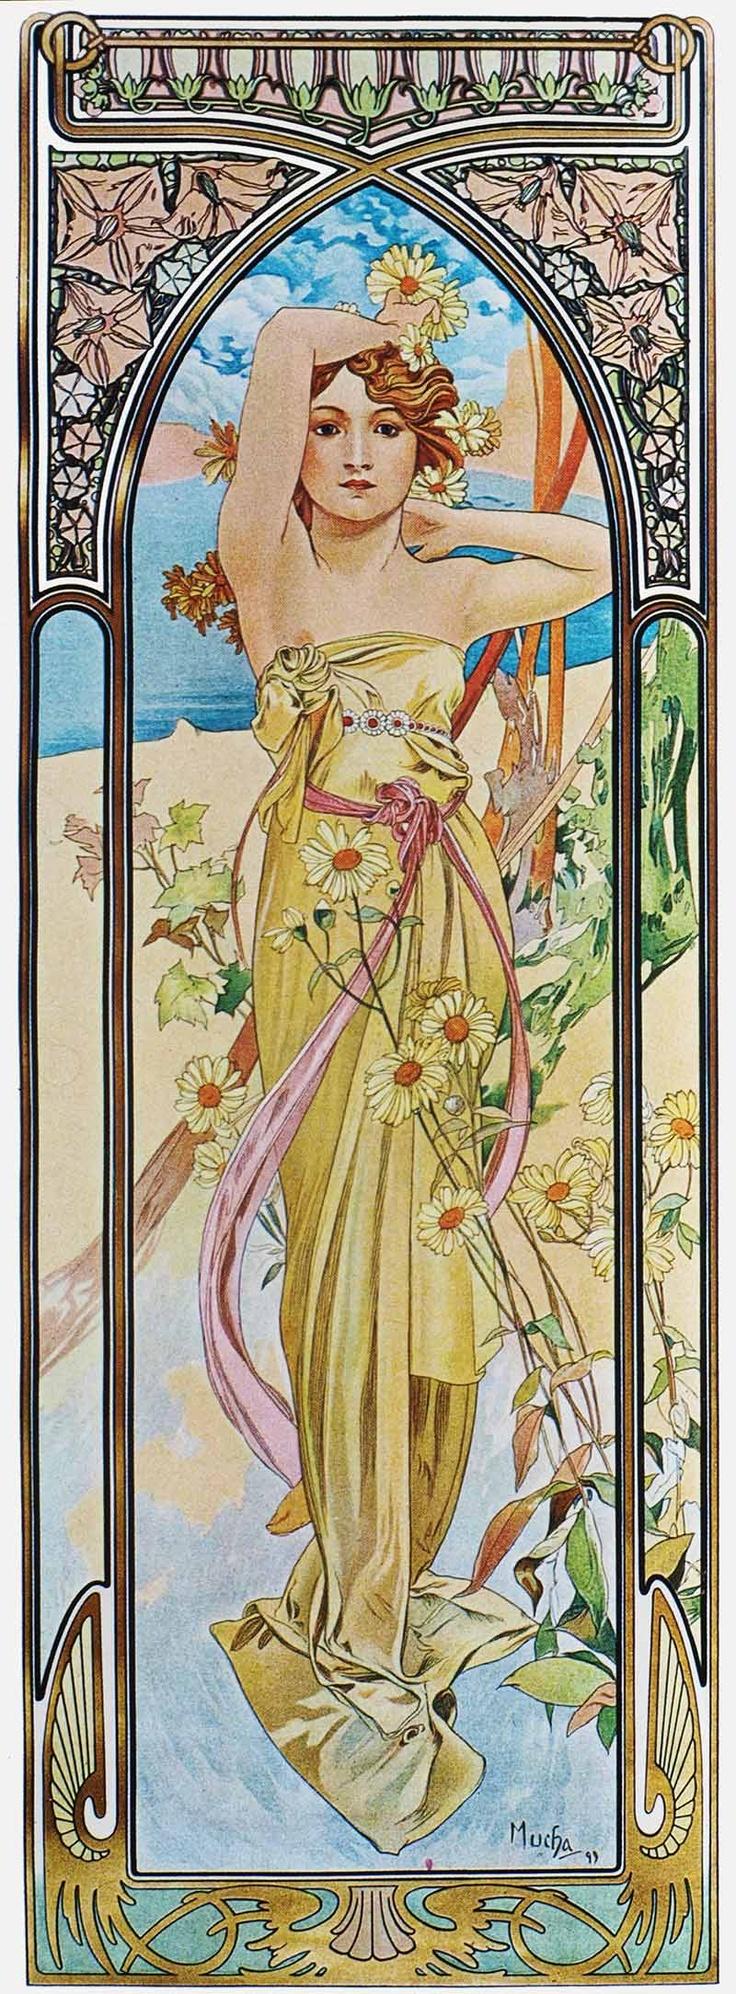 Alphonse Mucha, son oeuvre graphique en haute définition | Le Jardin des Délices